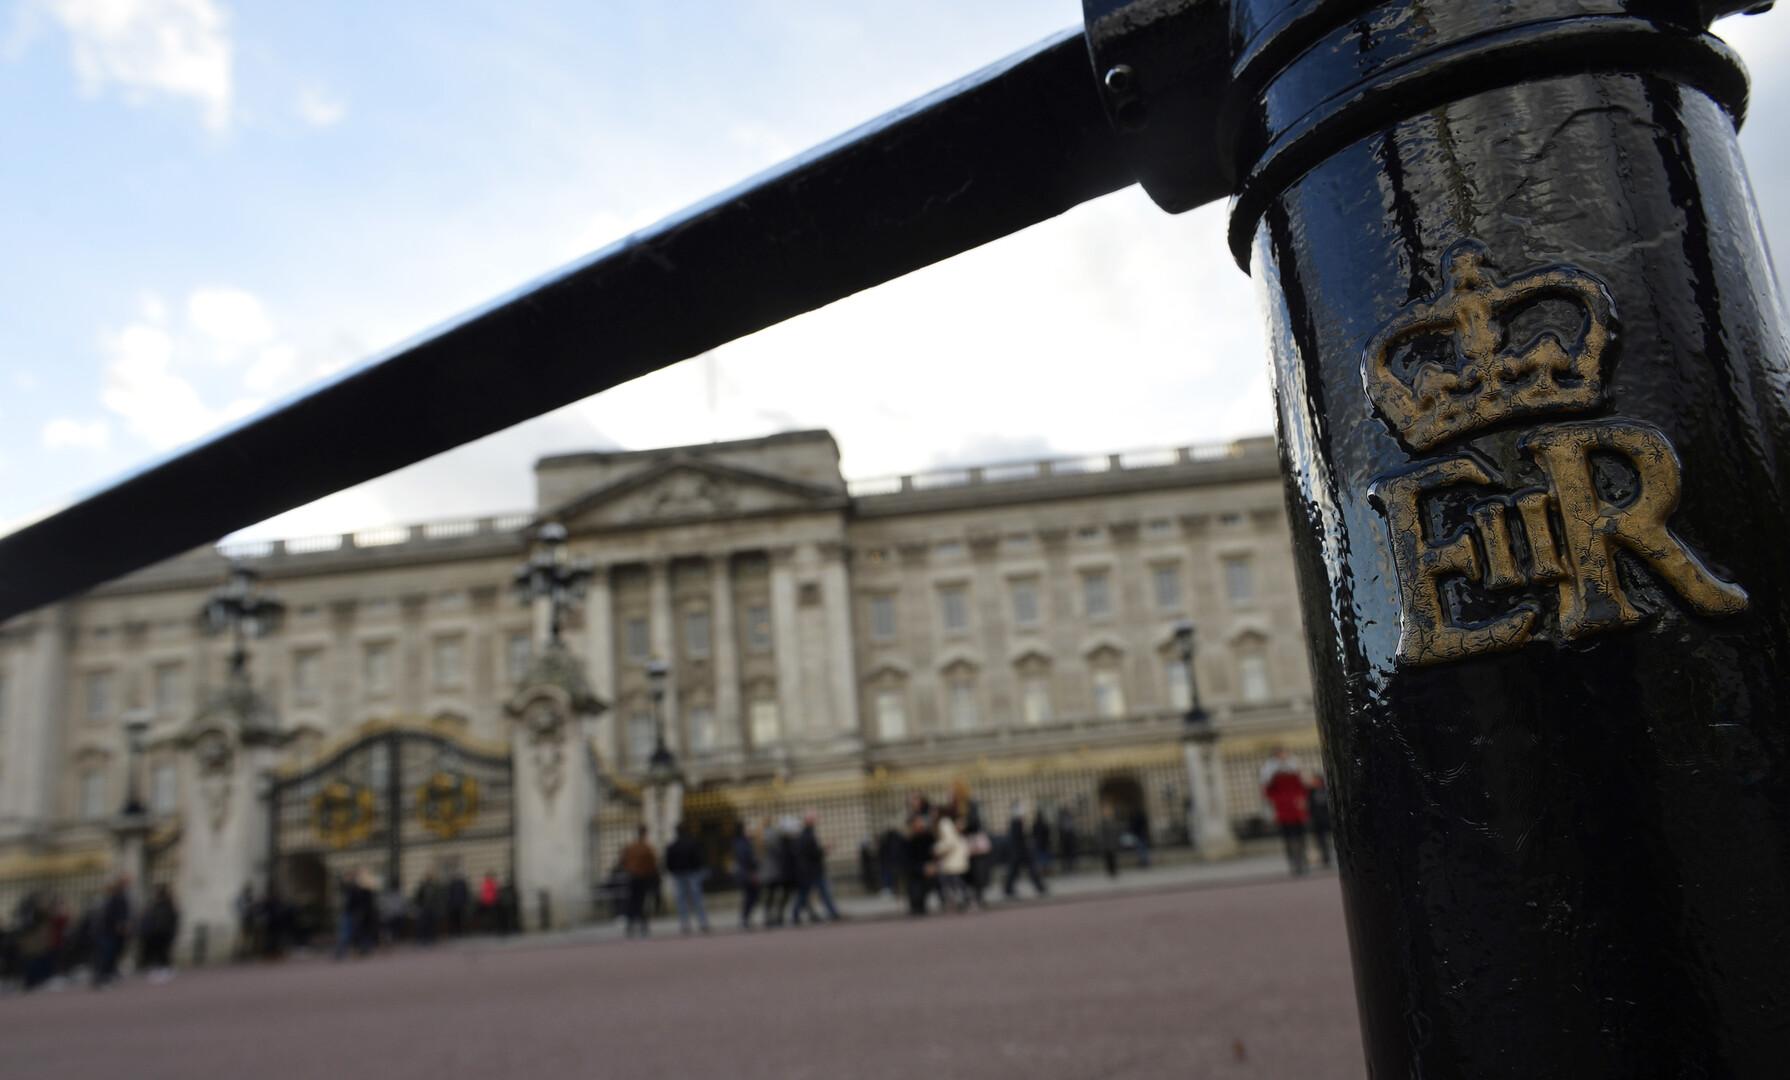 أمير بريطاني يواجه محاكمة في الولايات المتحدة بتهمة التحرش الجنسي